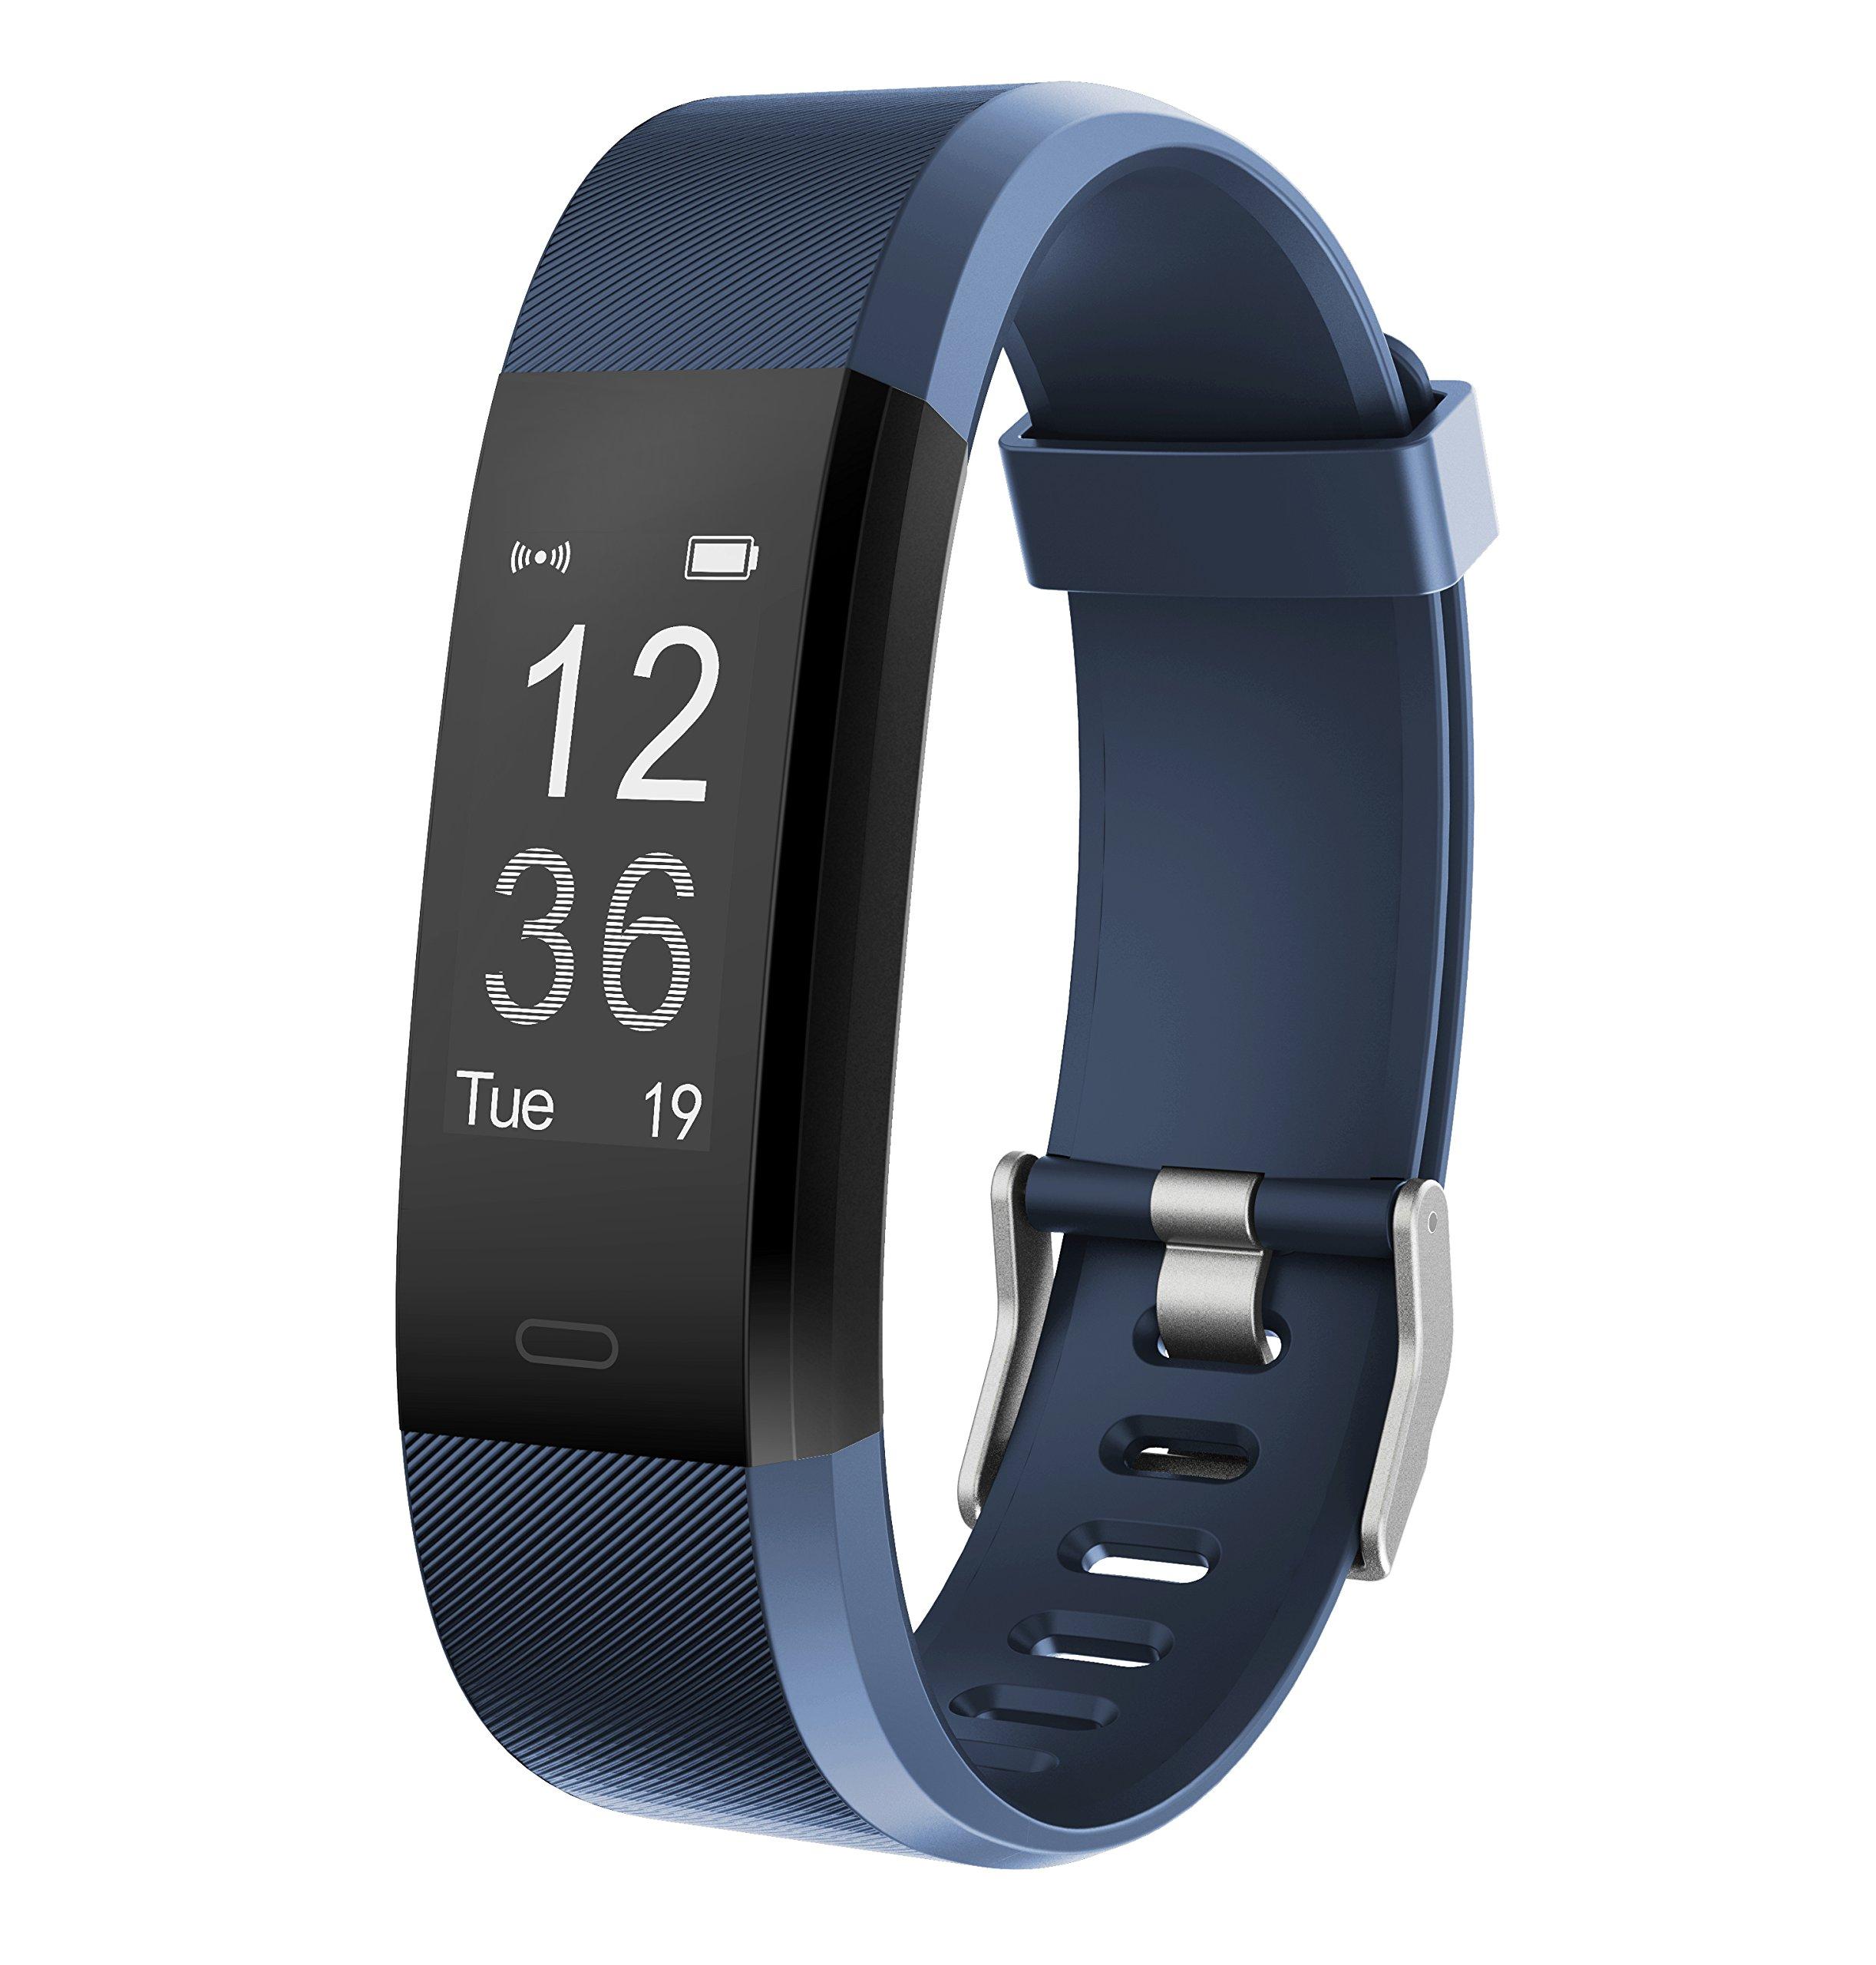 Monitor de Fitness Muzili YG3 Plus Pulsera Actividad Reloj Medidor Deportivo Inteligente Podómetro con monitor de ritmo cardíaco/GPS /Contador de pasos/Control del sueño para Android e iOS … product image